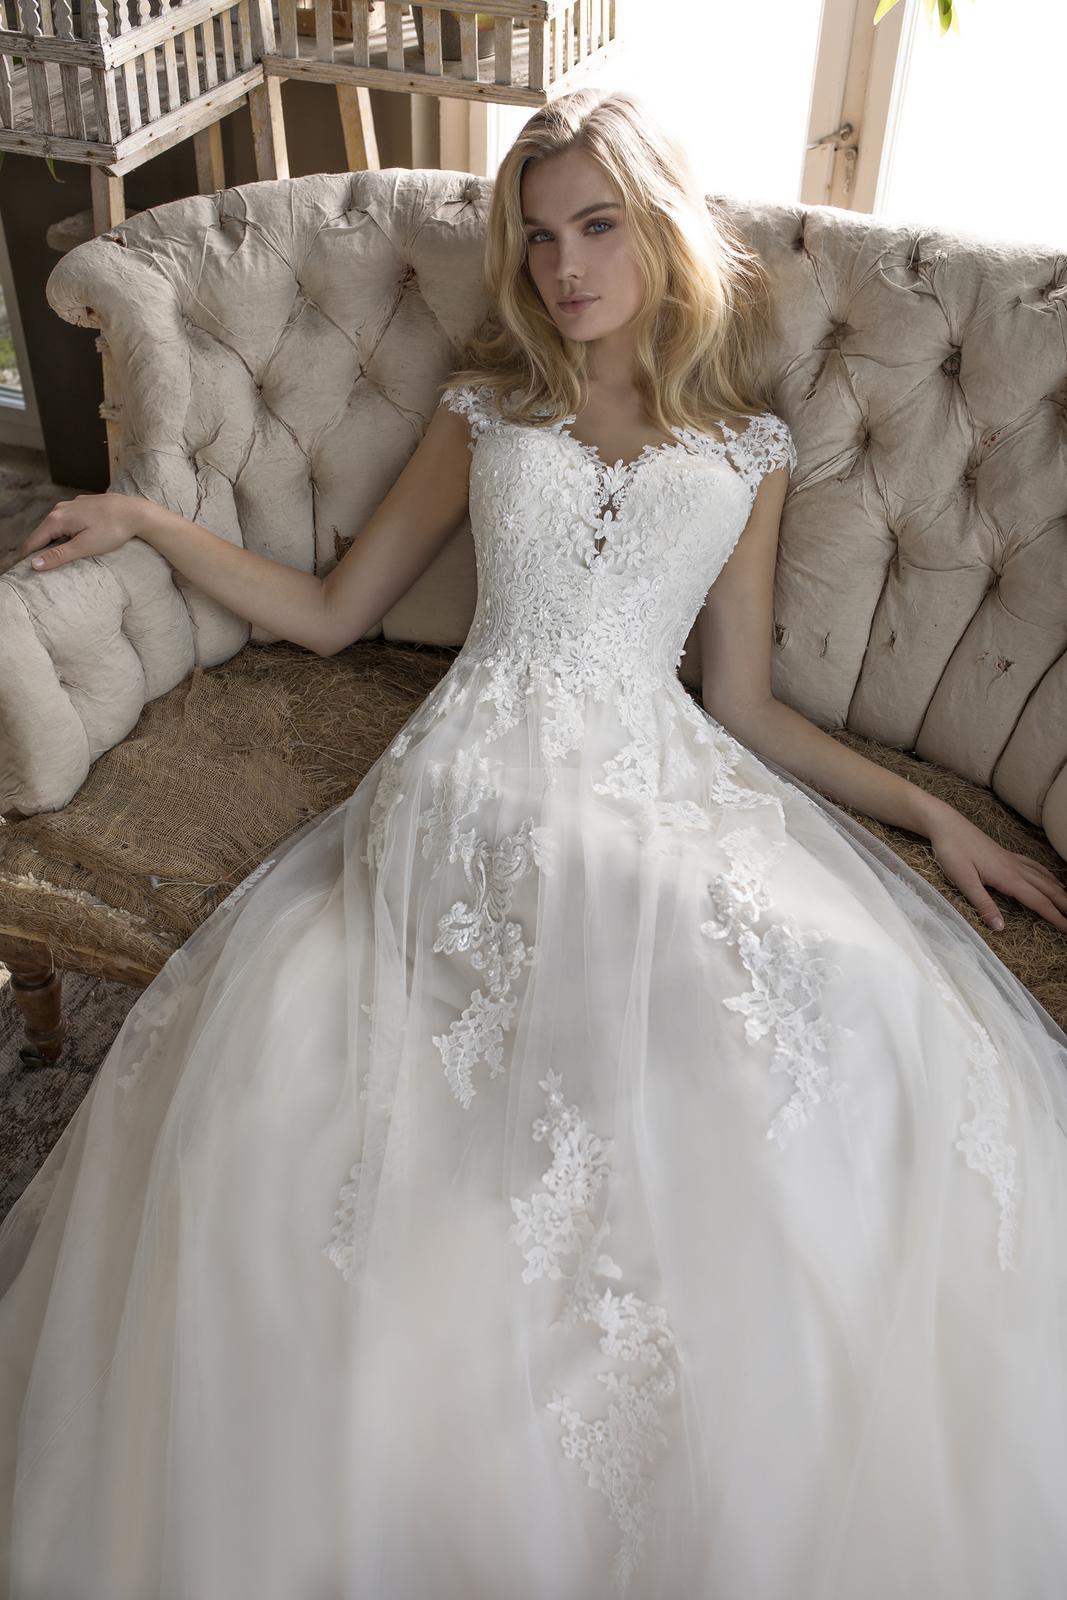 Romantická, elegantní, rebelka anebo bohémka? Jaký typ nevěsty jste vy? - Obrázek č. 17